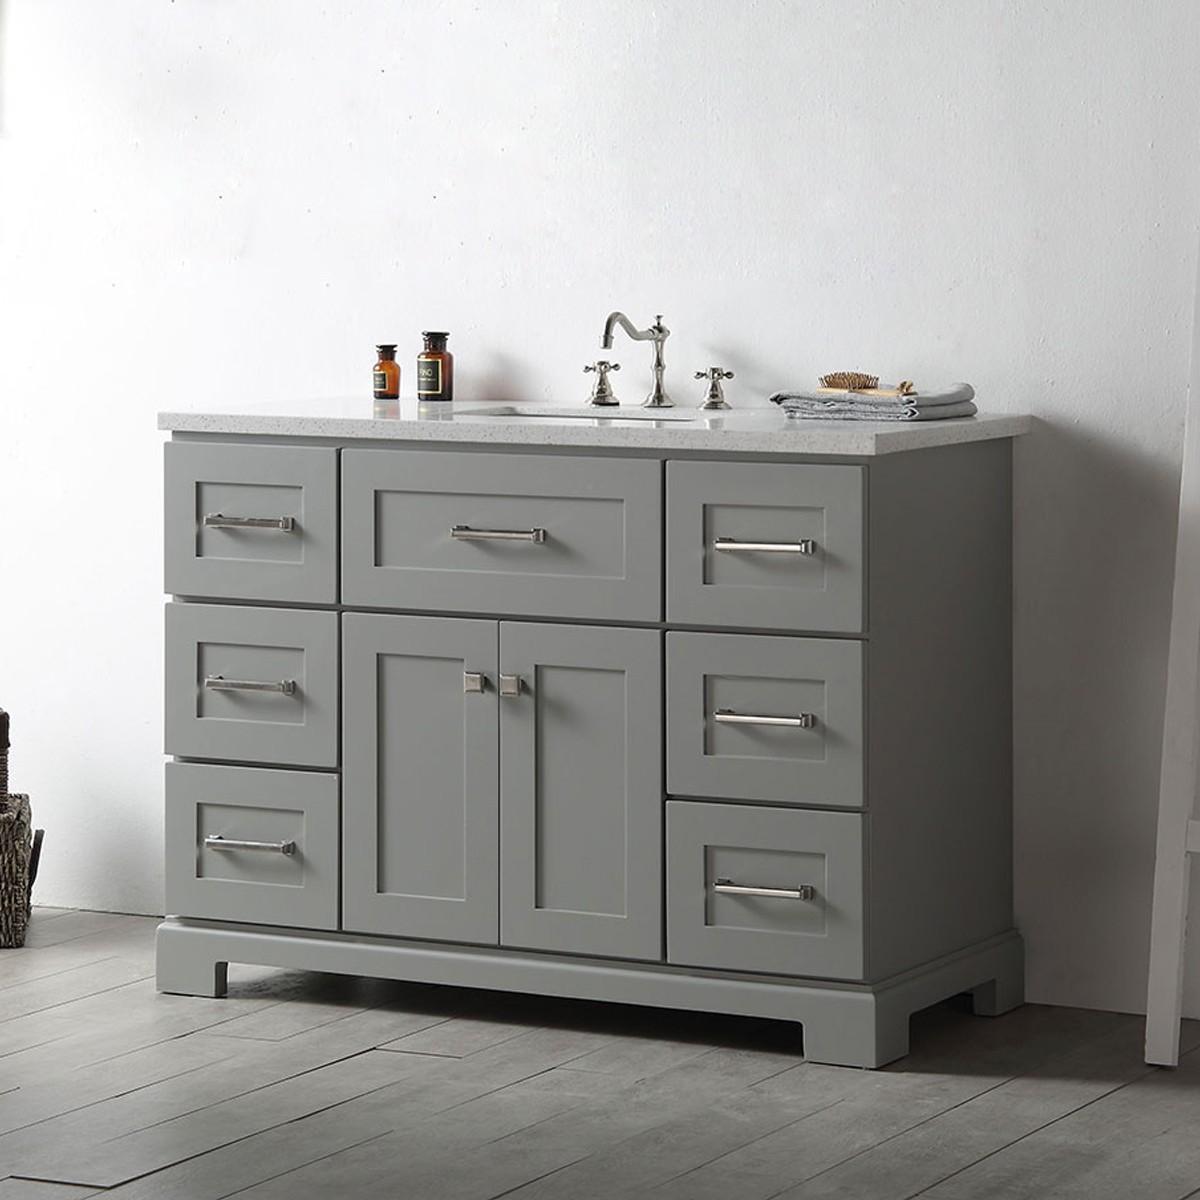 48 In. Bathroom Vanity (DK-6648-CG)